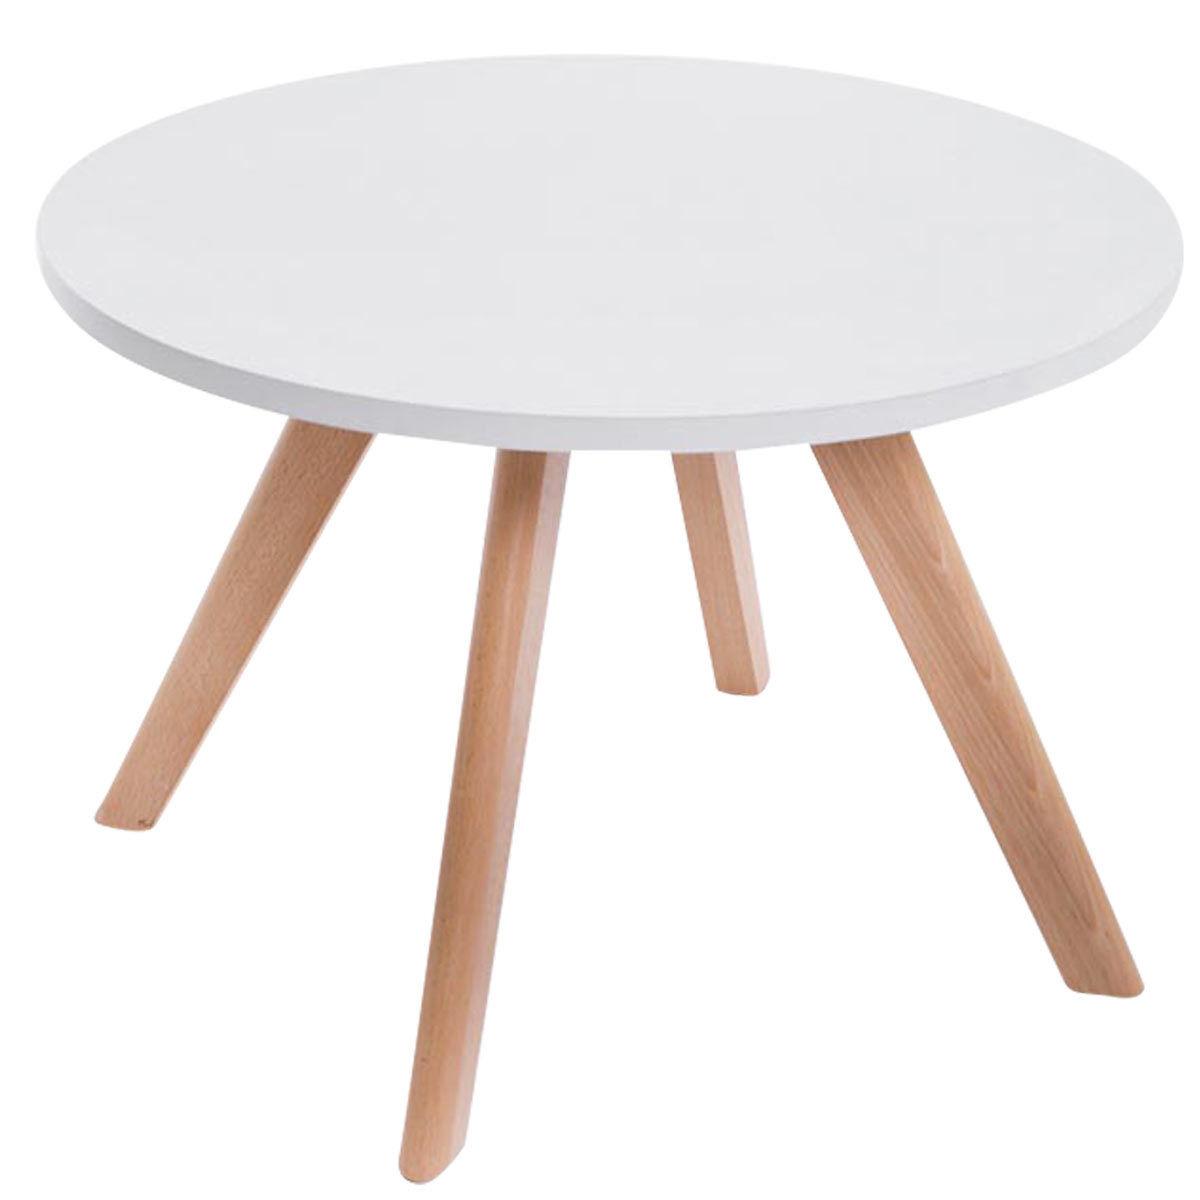 Couchtisch weiß rund Wohnzimmertisch moderner Beistelltisch design Holzbeine